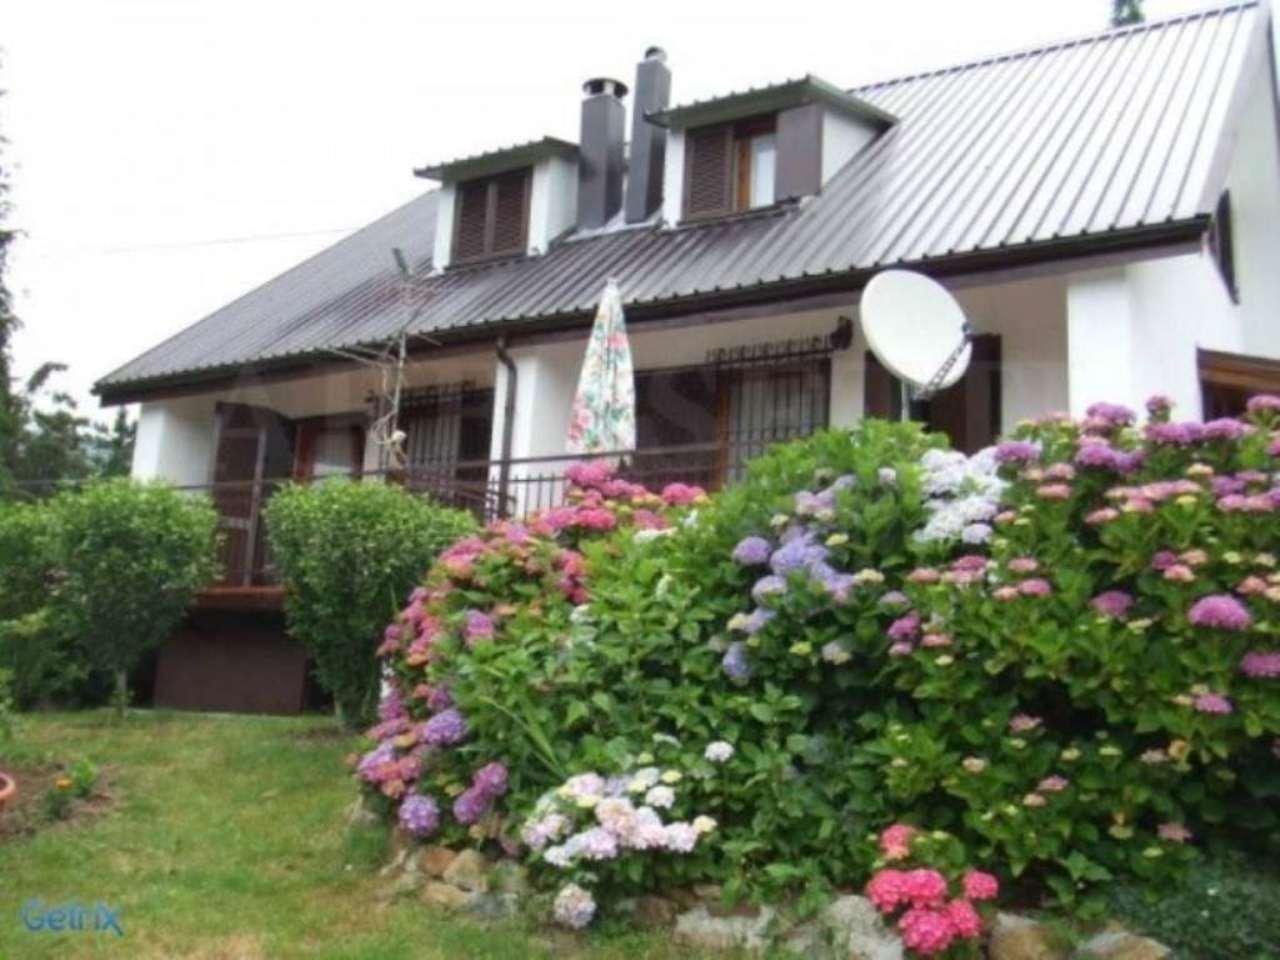 Villa in vendita a Rocchetta di Vara, 6 locali, prezzo € 125.000 | CambioCasa.it